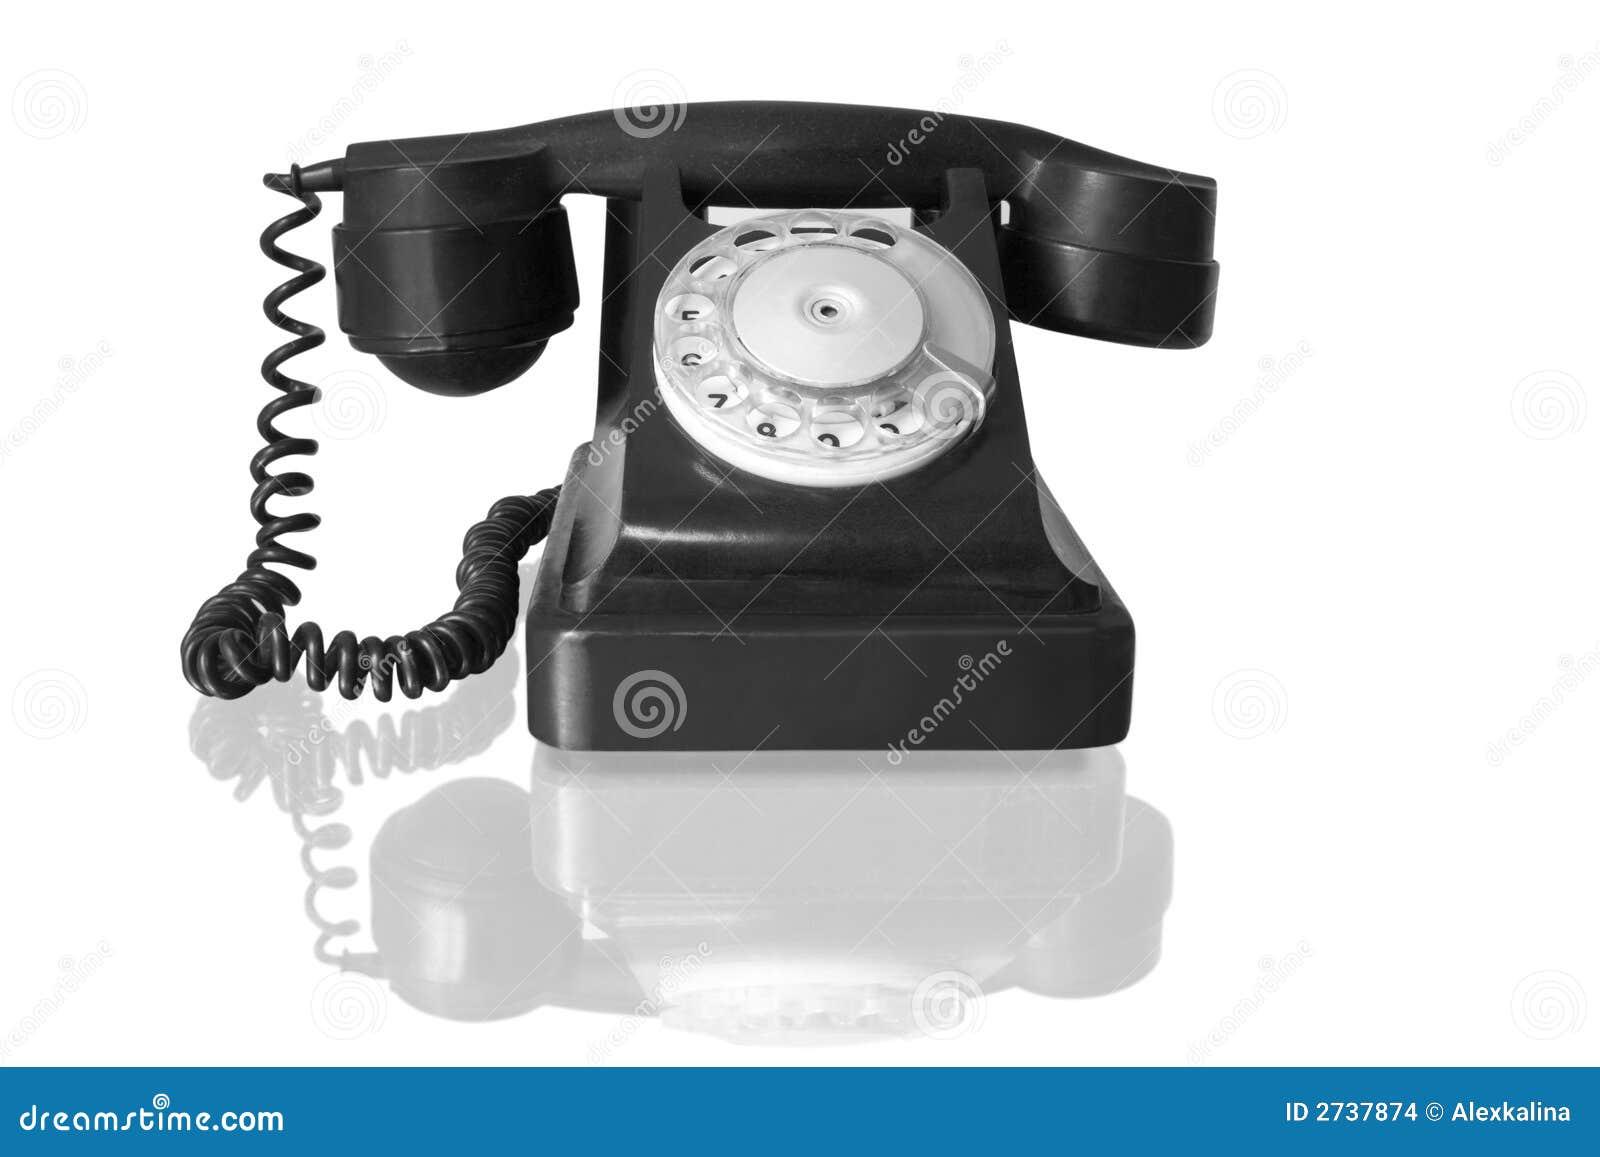 Vintage Black Telephone 60